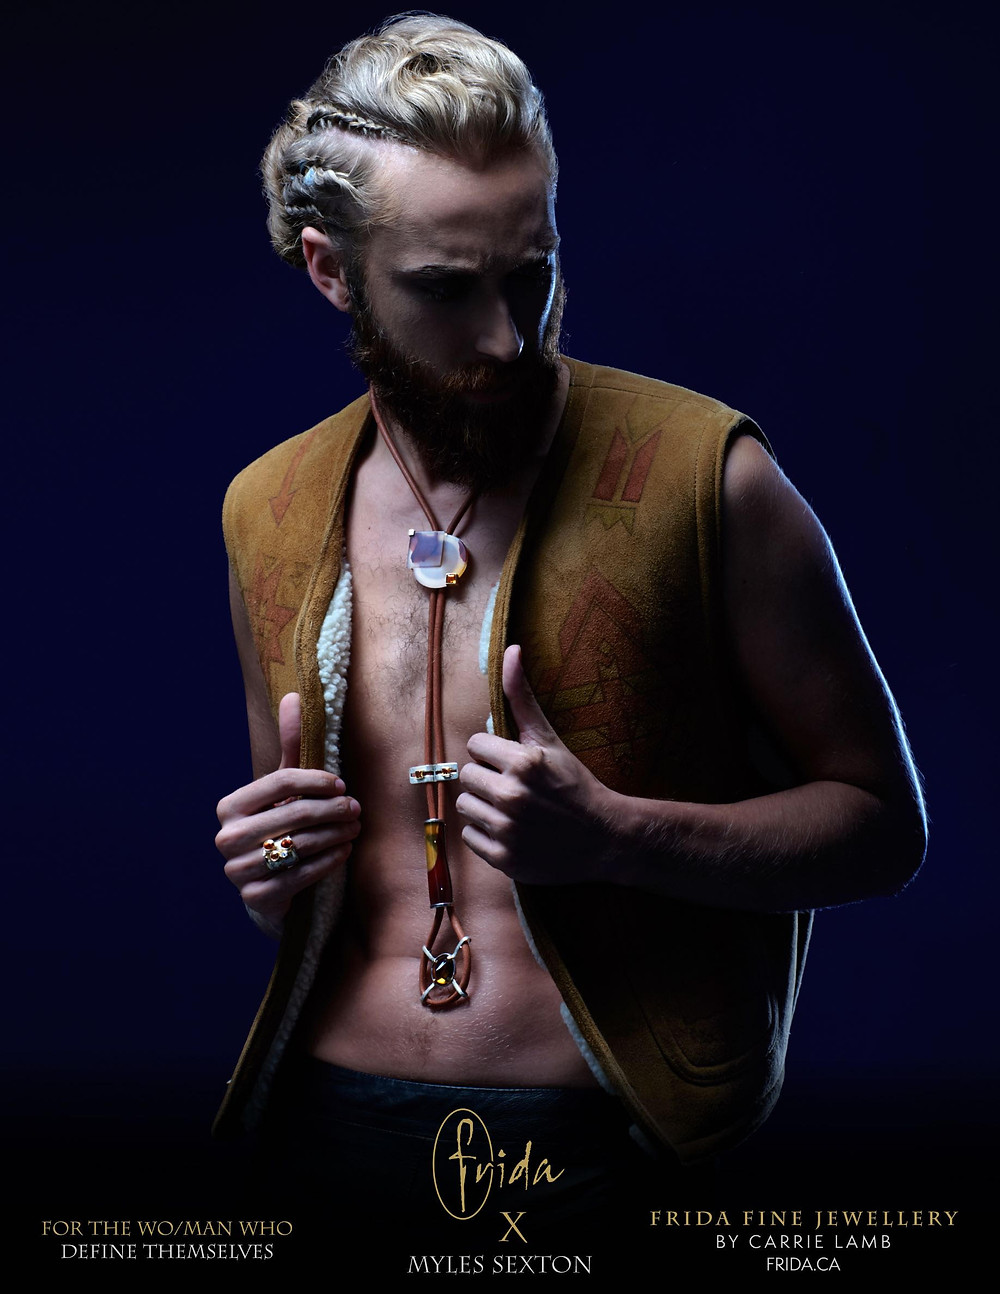 frida-fine-jewelry-myles-sexton